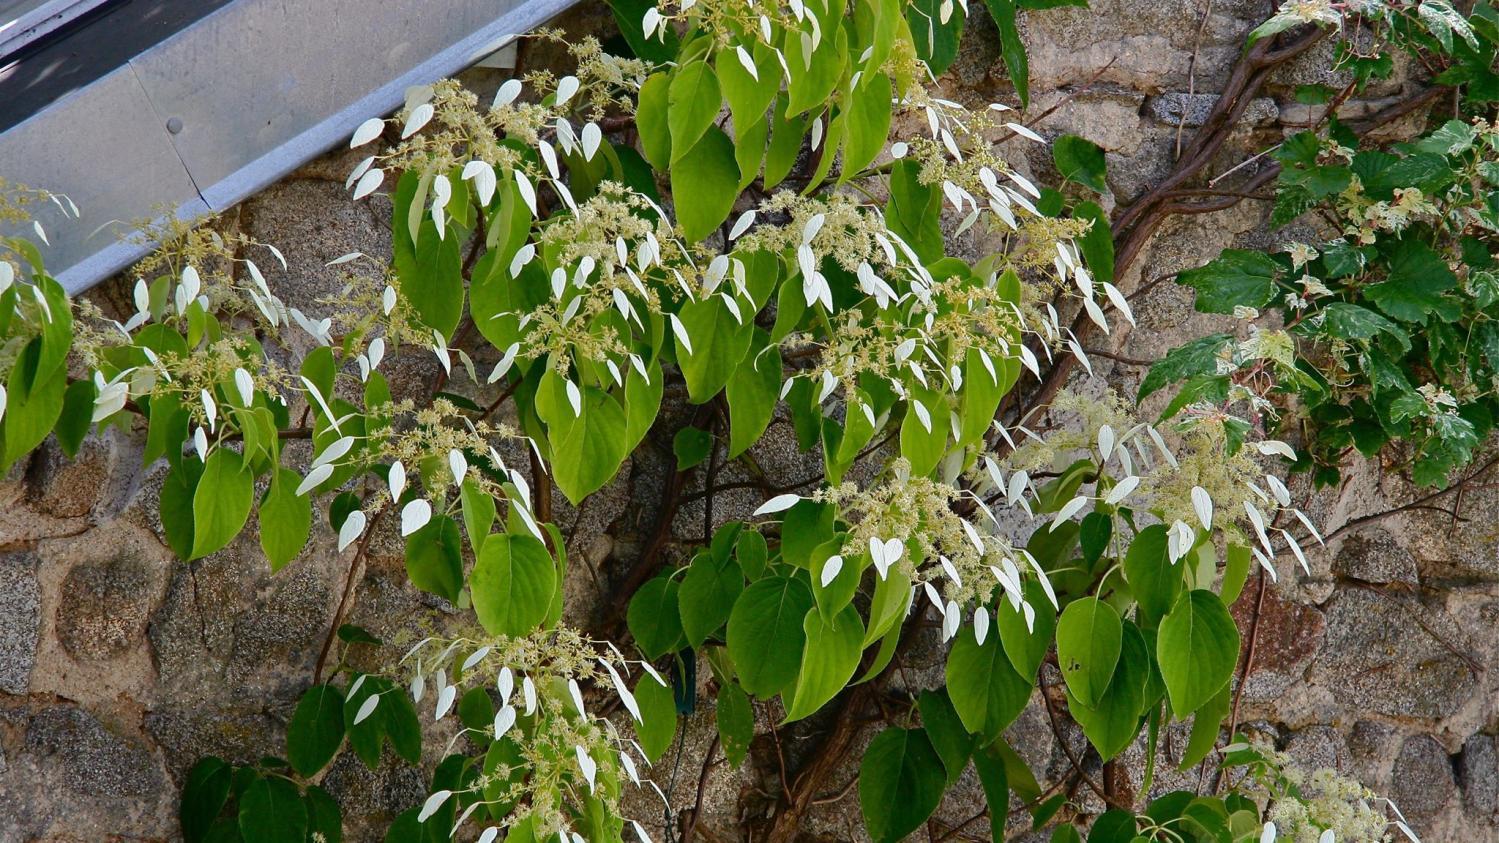 Bac Pour Arbuste De Jardin jardin. les hortensias grimpants, des arbustes pour l'ombre